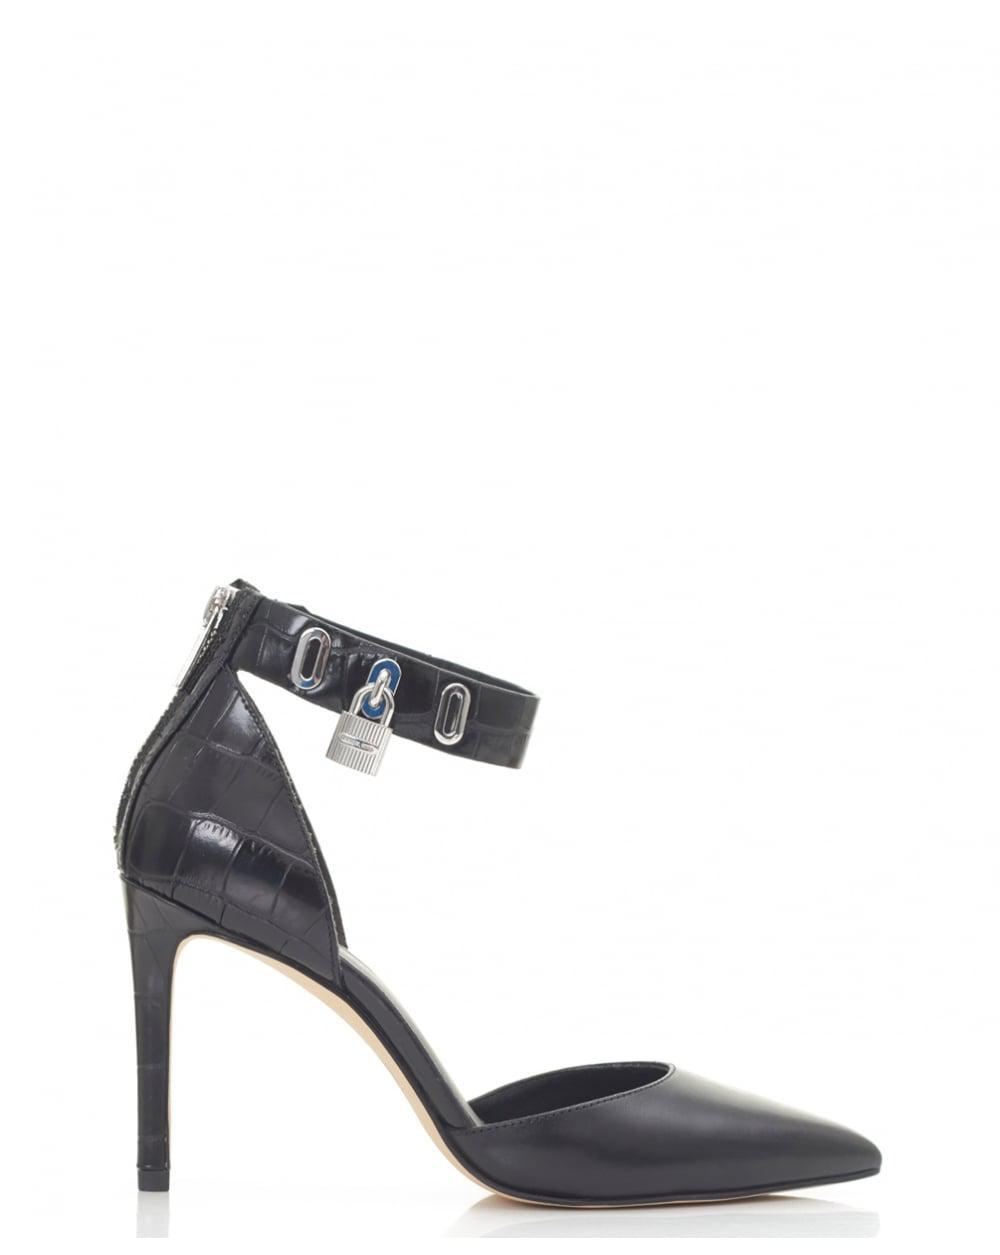 MICHAEL 2gJv2BhpDs ANTOINETTE - High heels - truffle